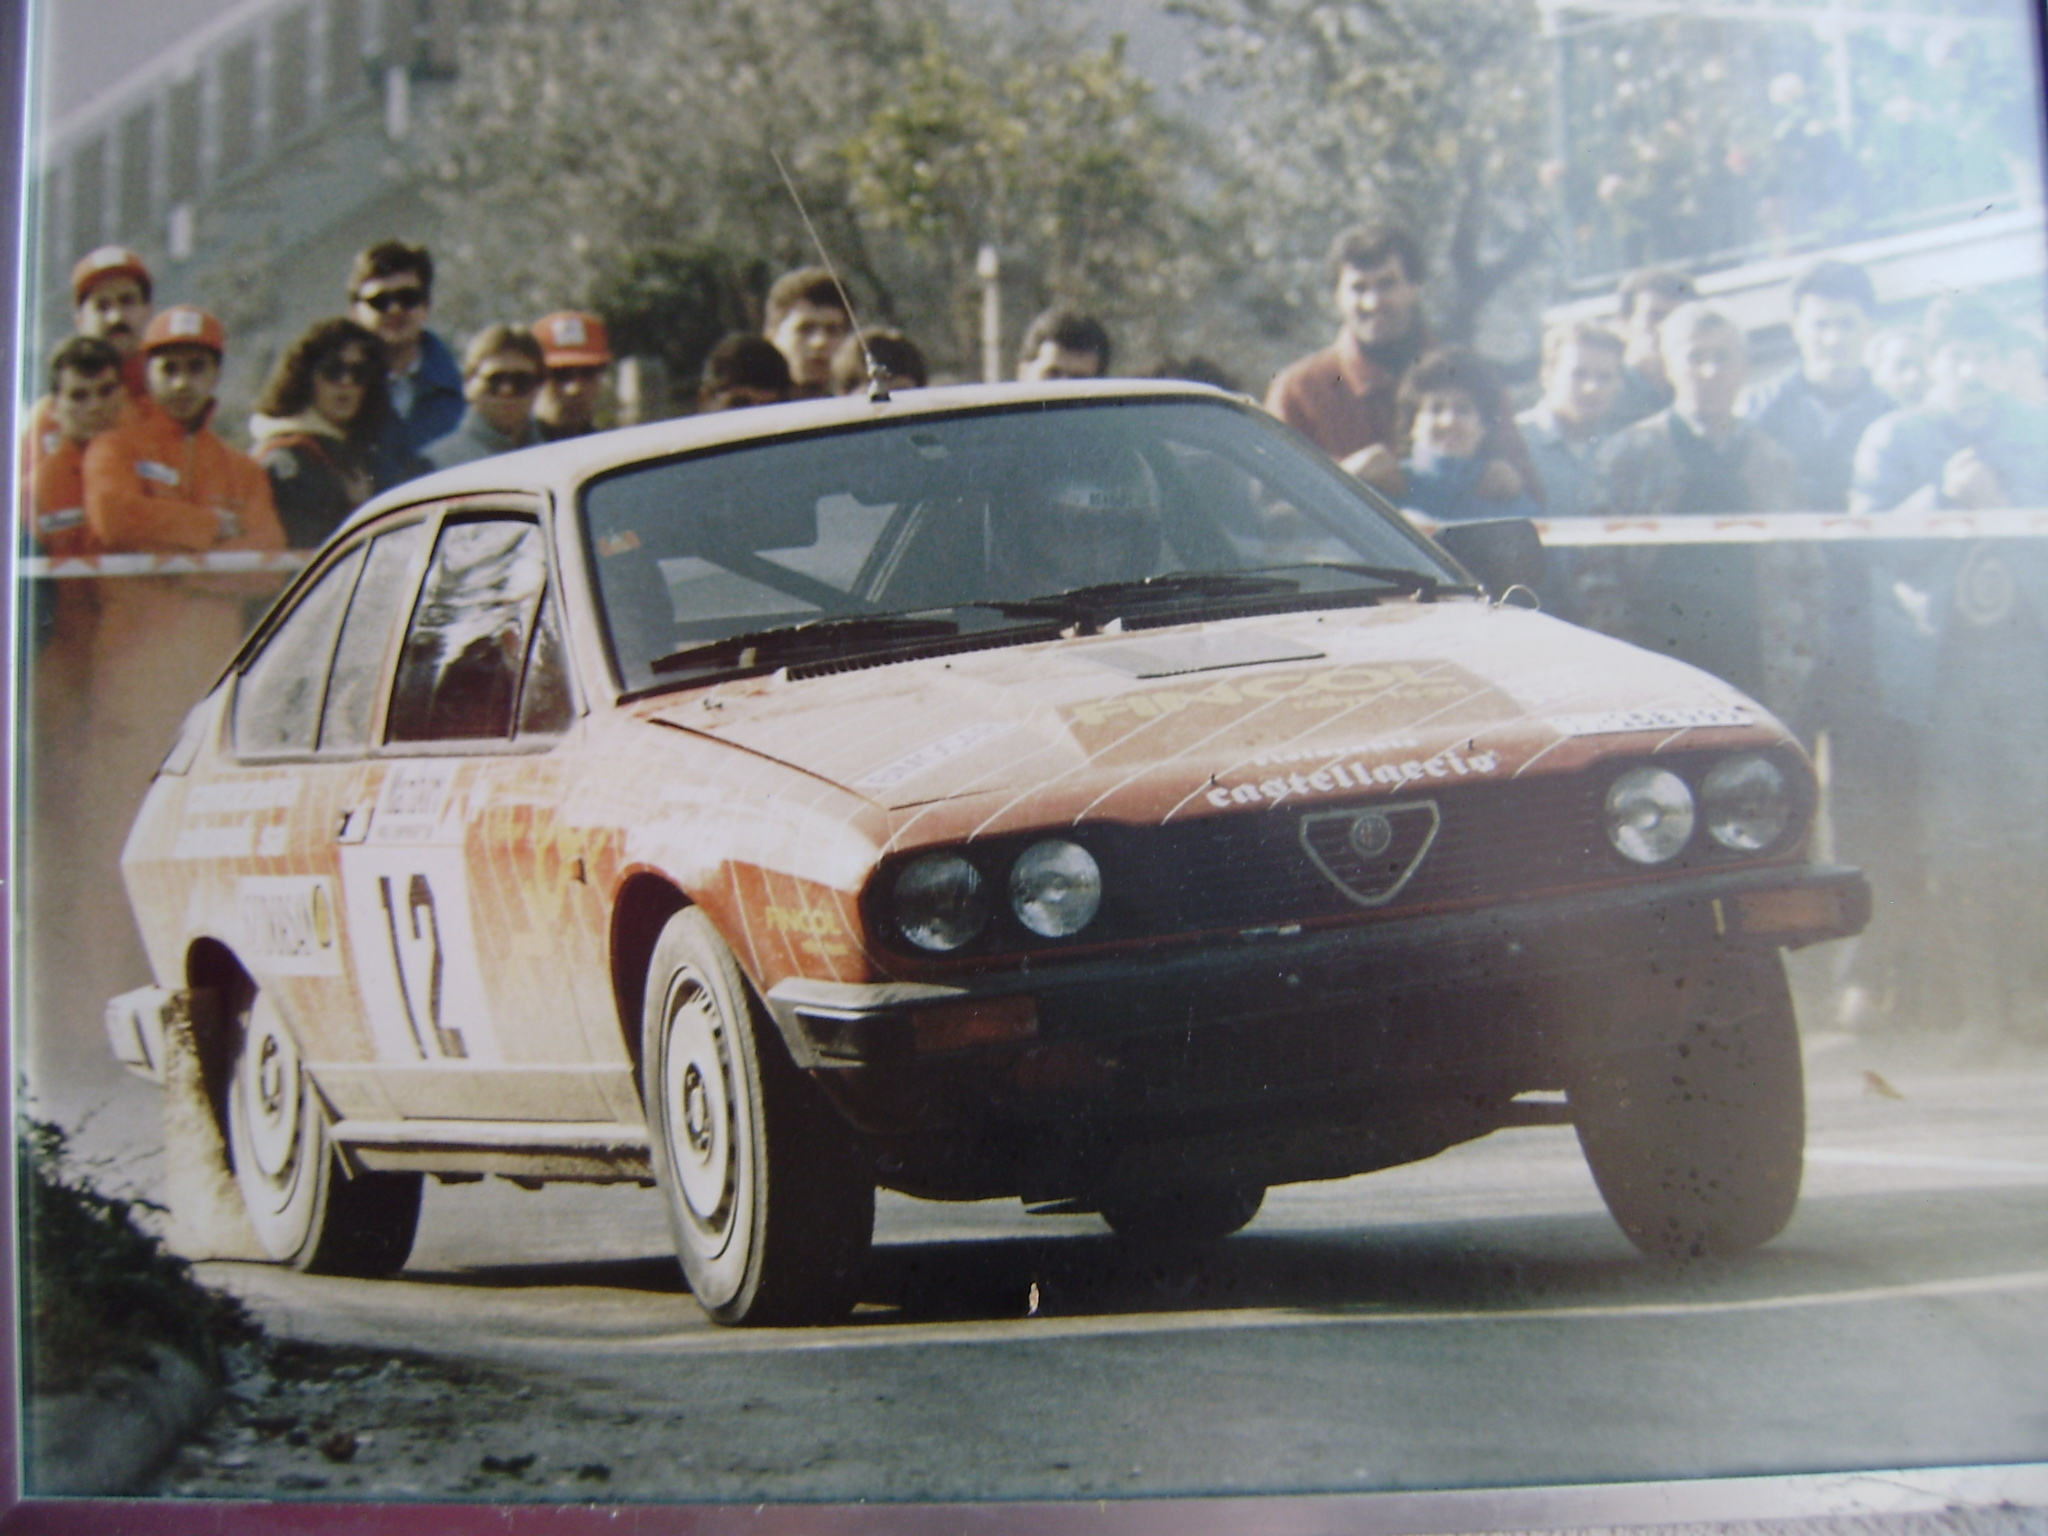 ...et à part Porsche, vous avez eu quelles autos? - Page 5 ALFA-GTV6-1987